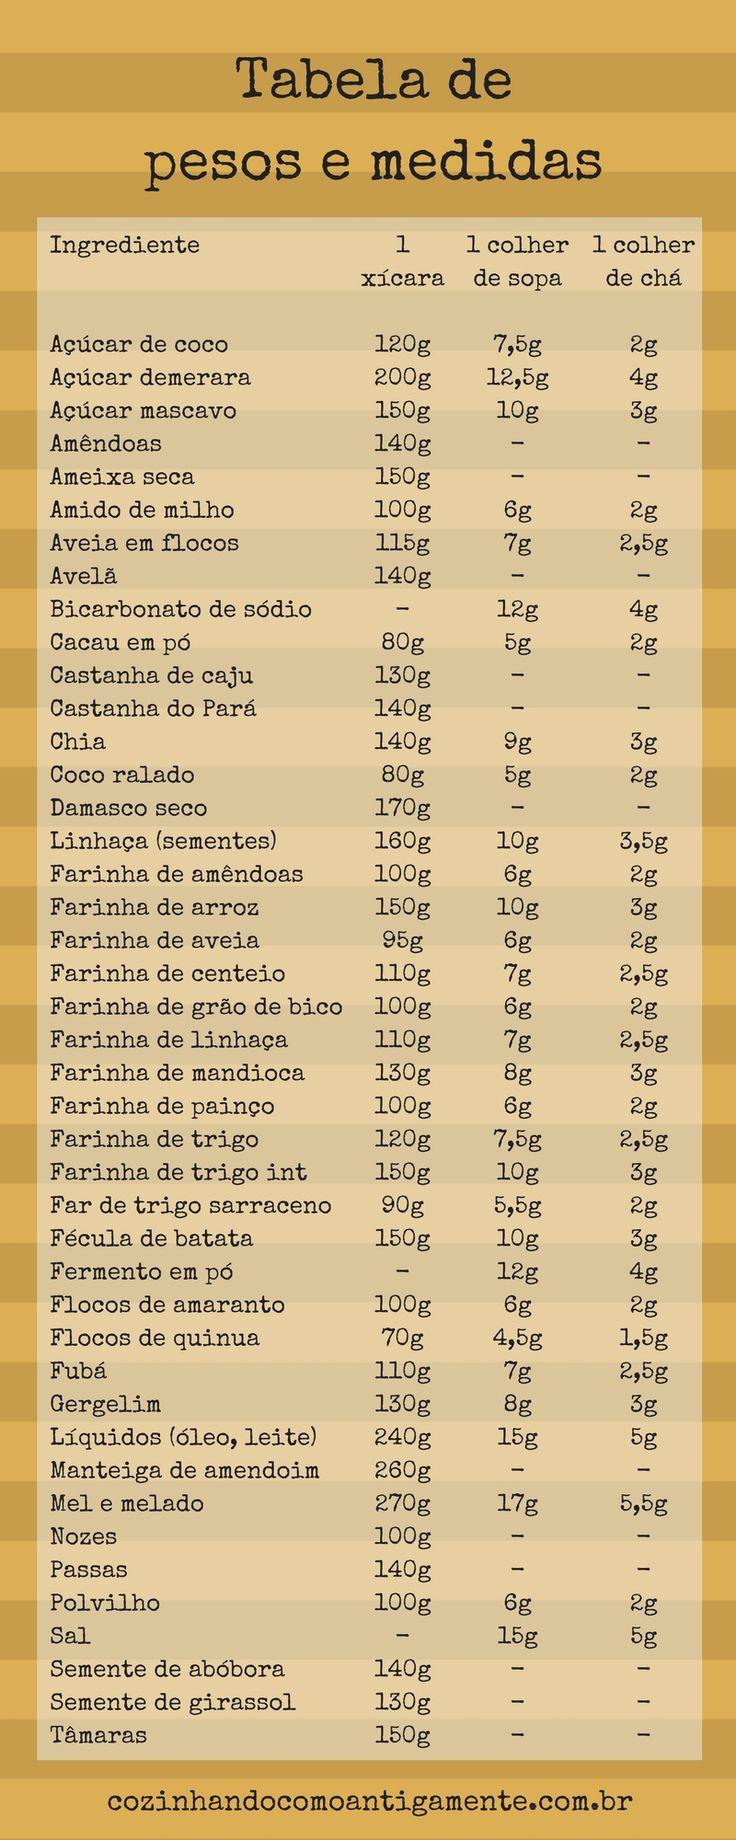 Tabela de pesos e medidas para conversões - Cozinhando como antigamente